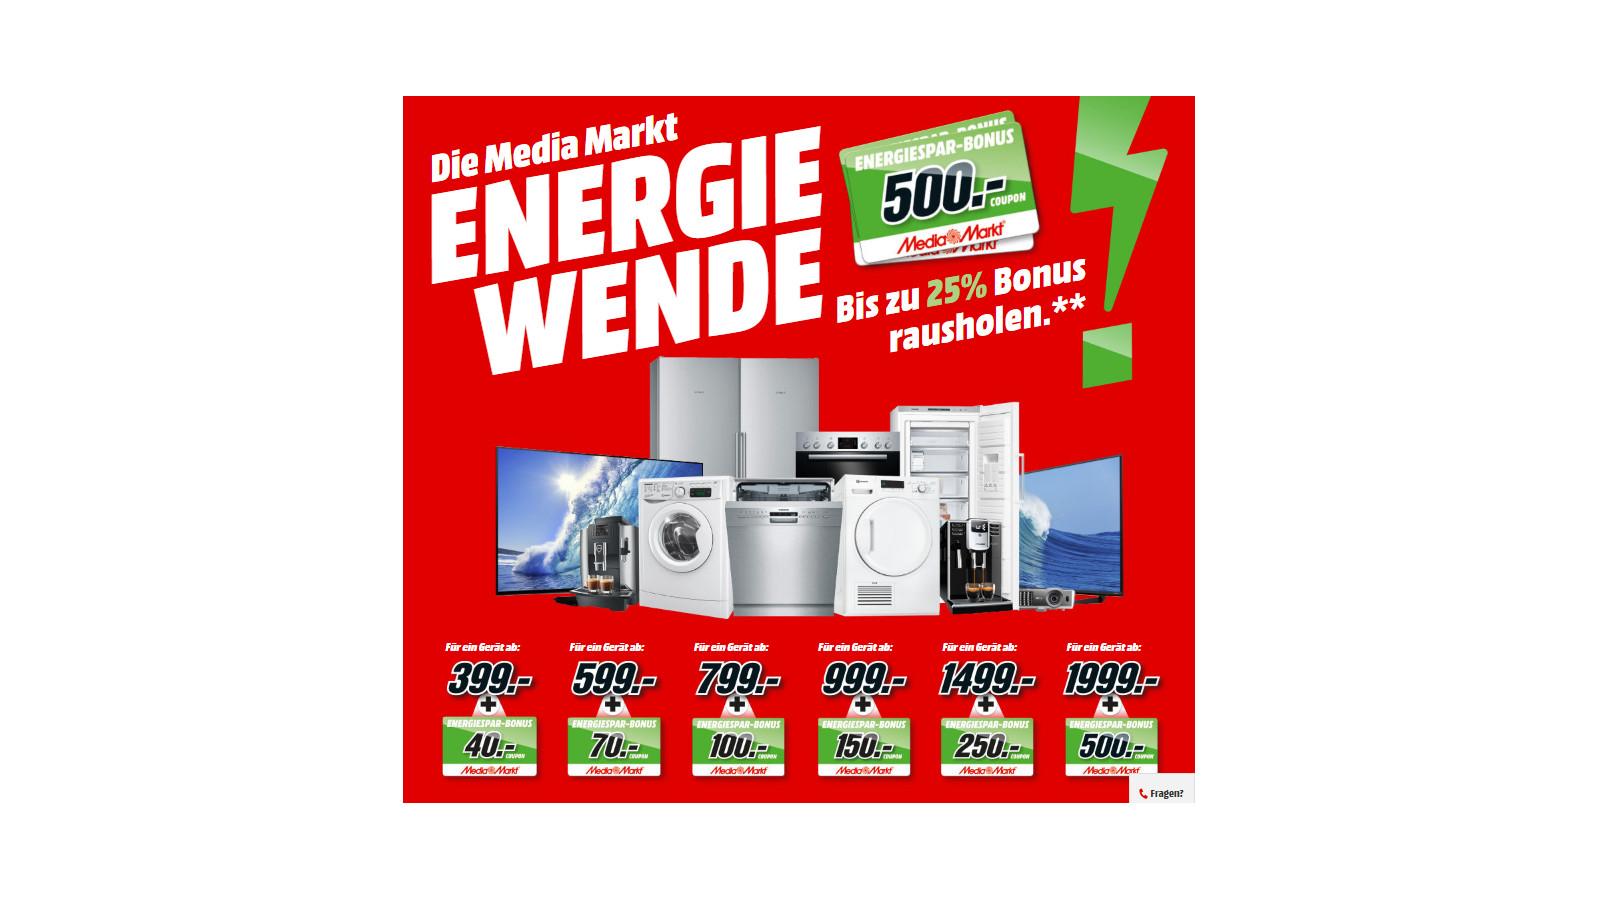 MediaMarkt Energiewende - einfach Stromkosten sparen! - CheckEinfach.de